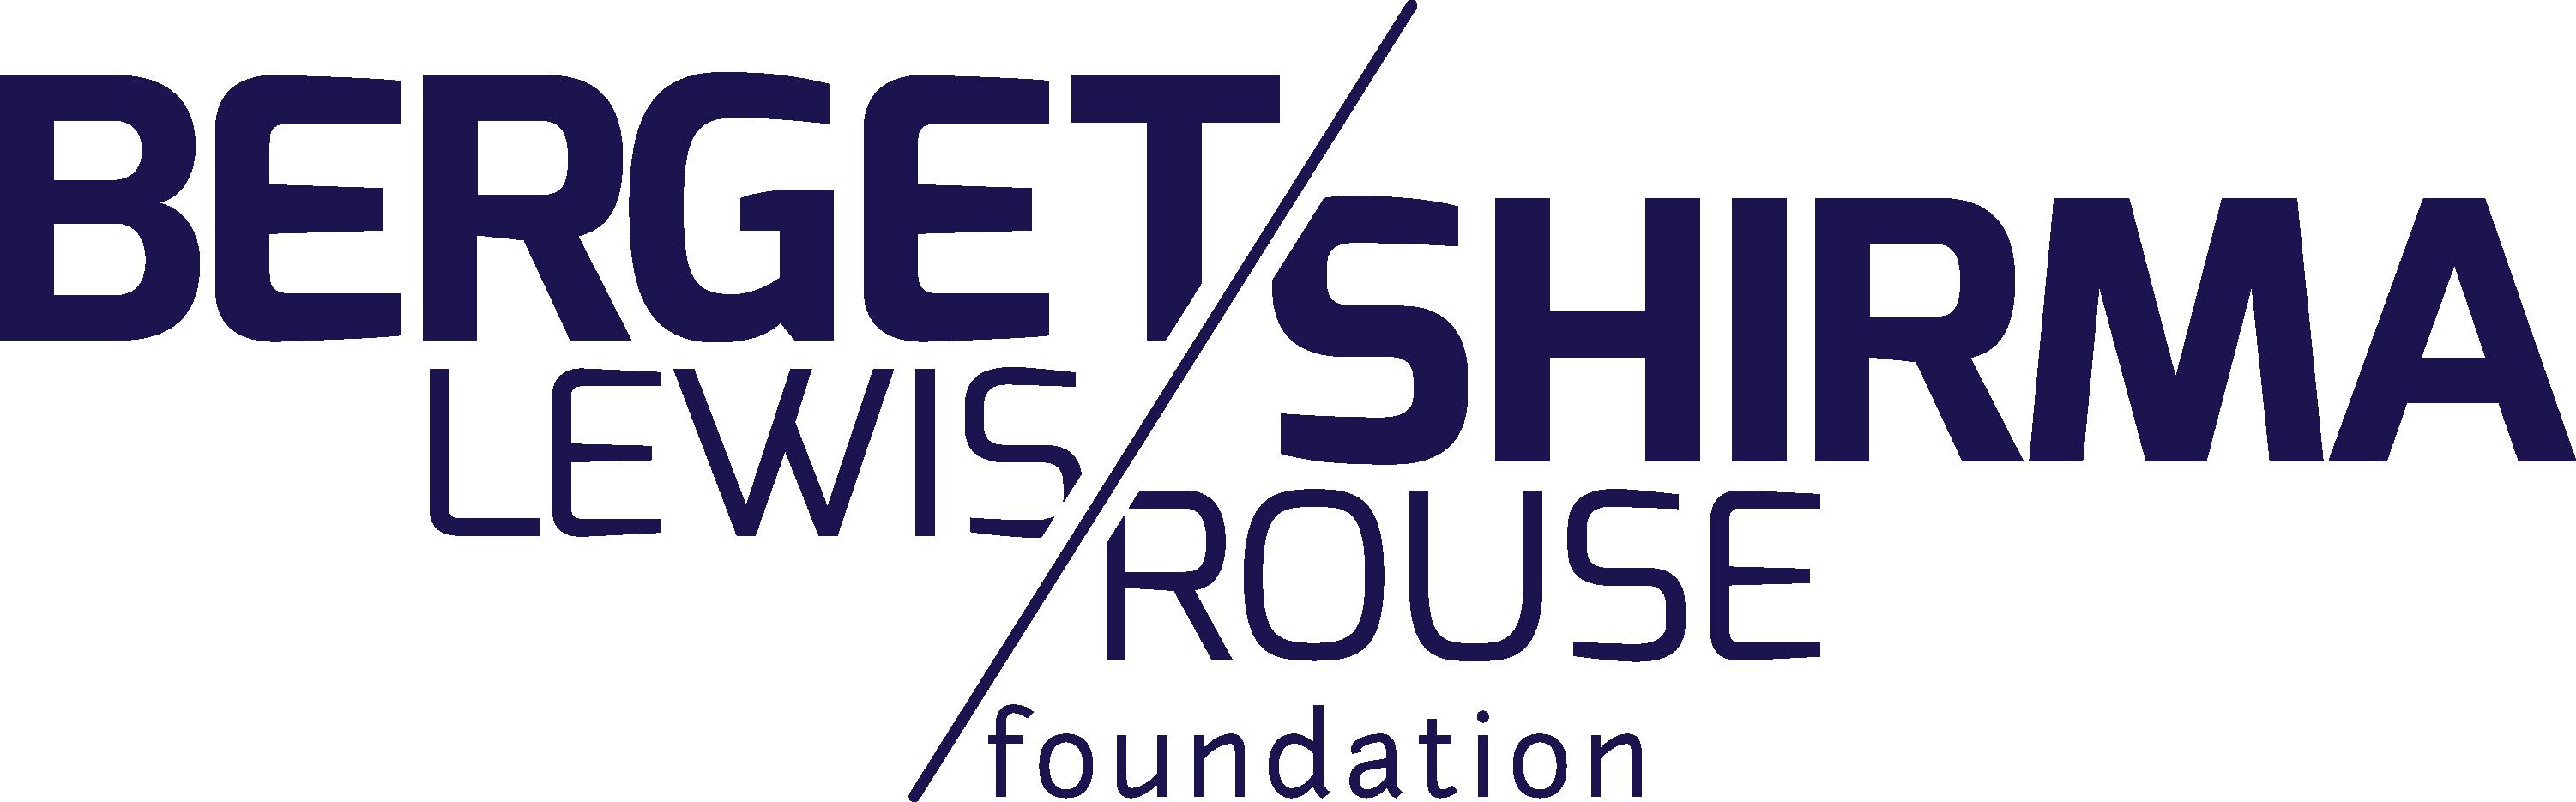 Logo-Shirma-Berget